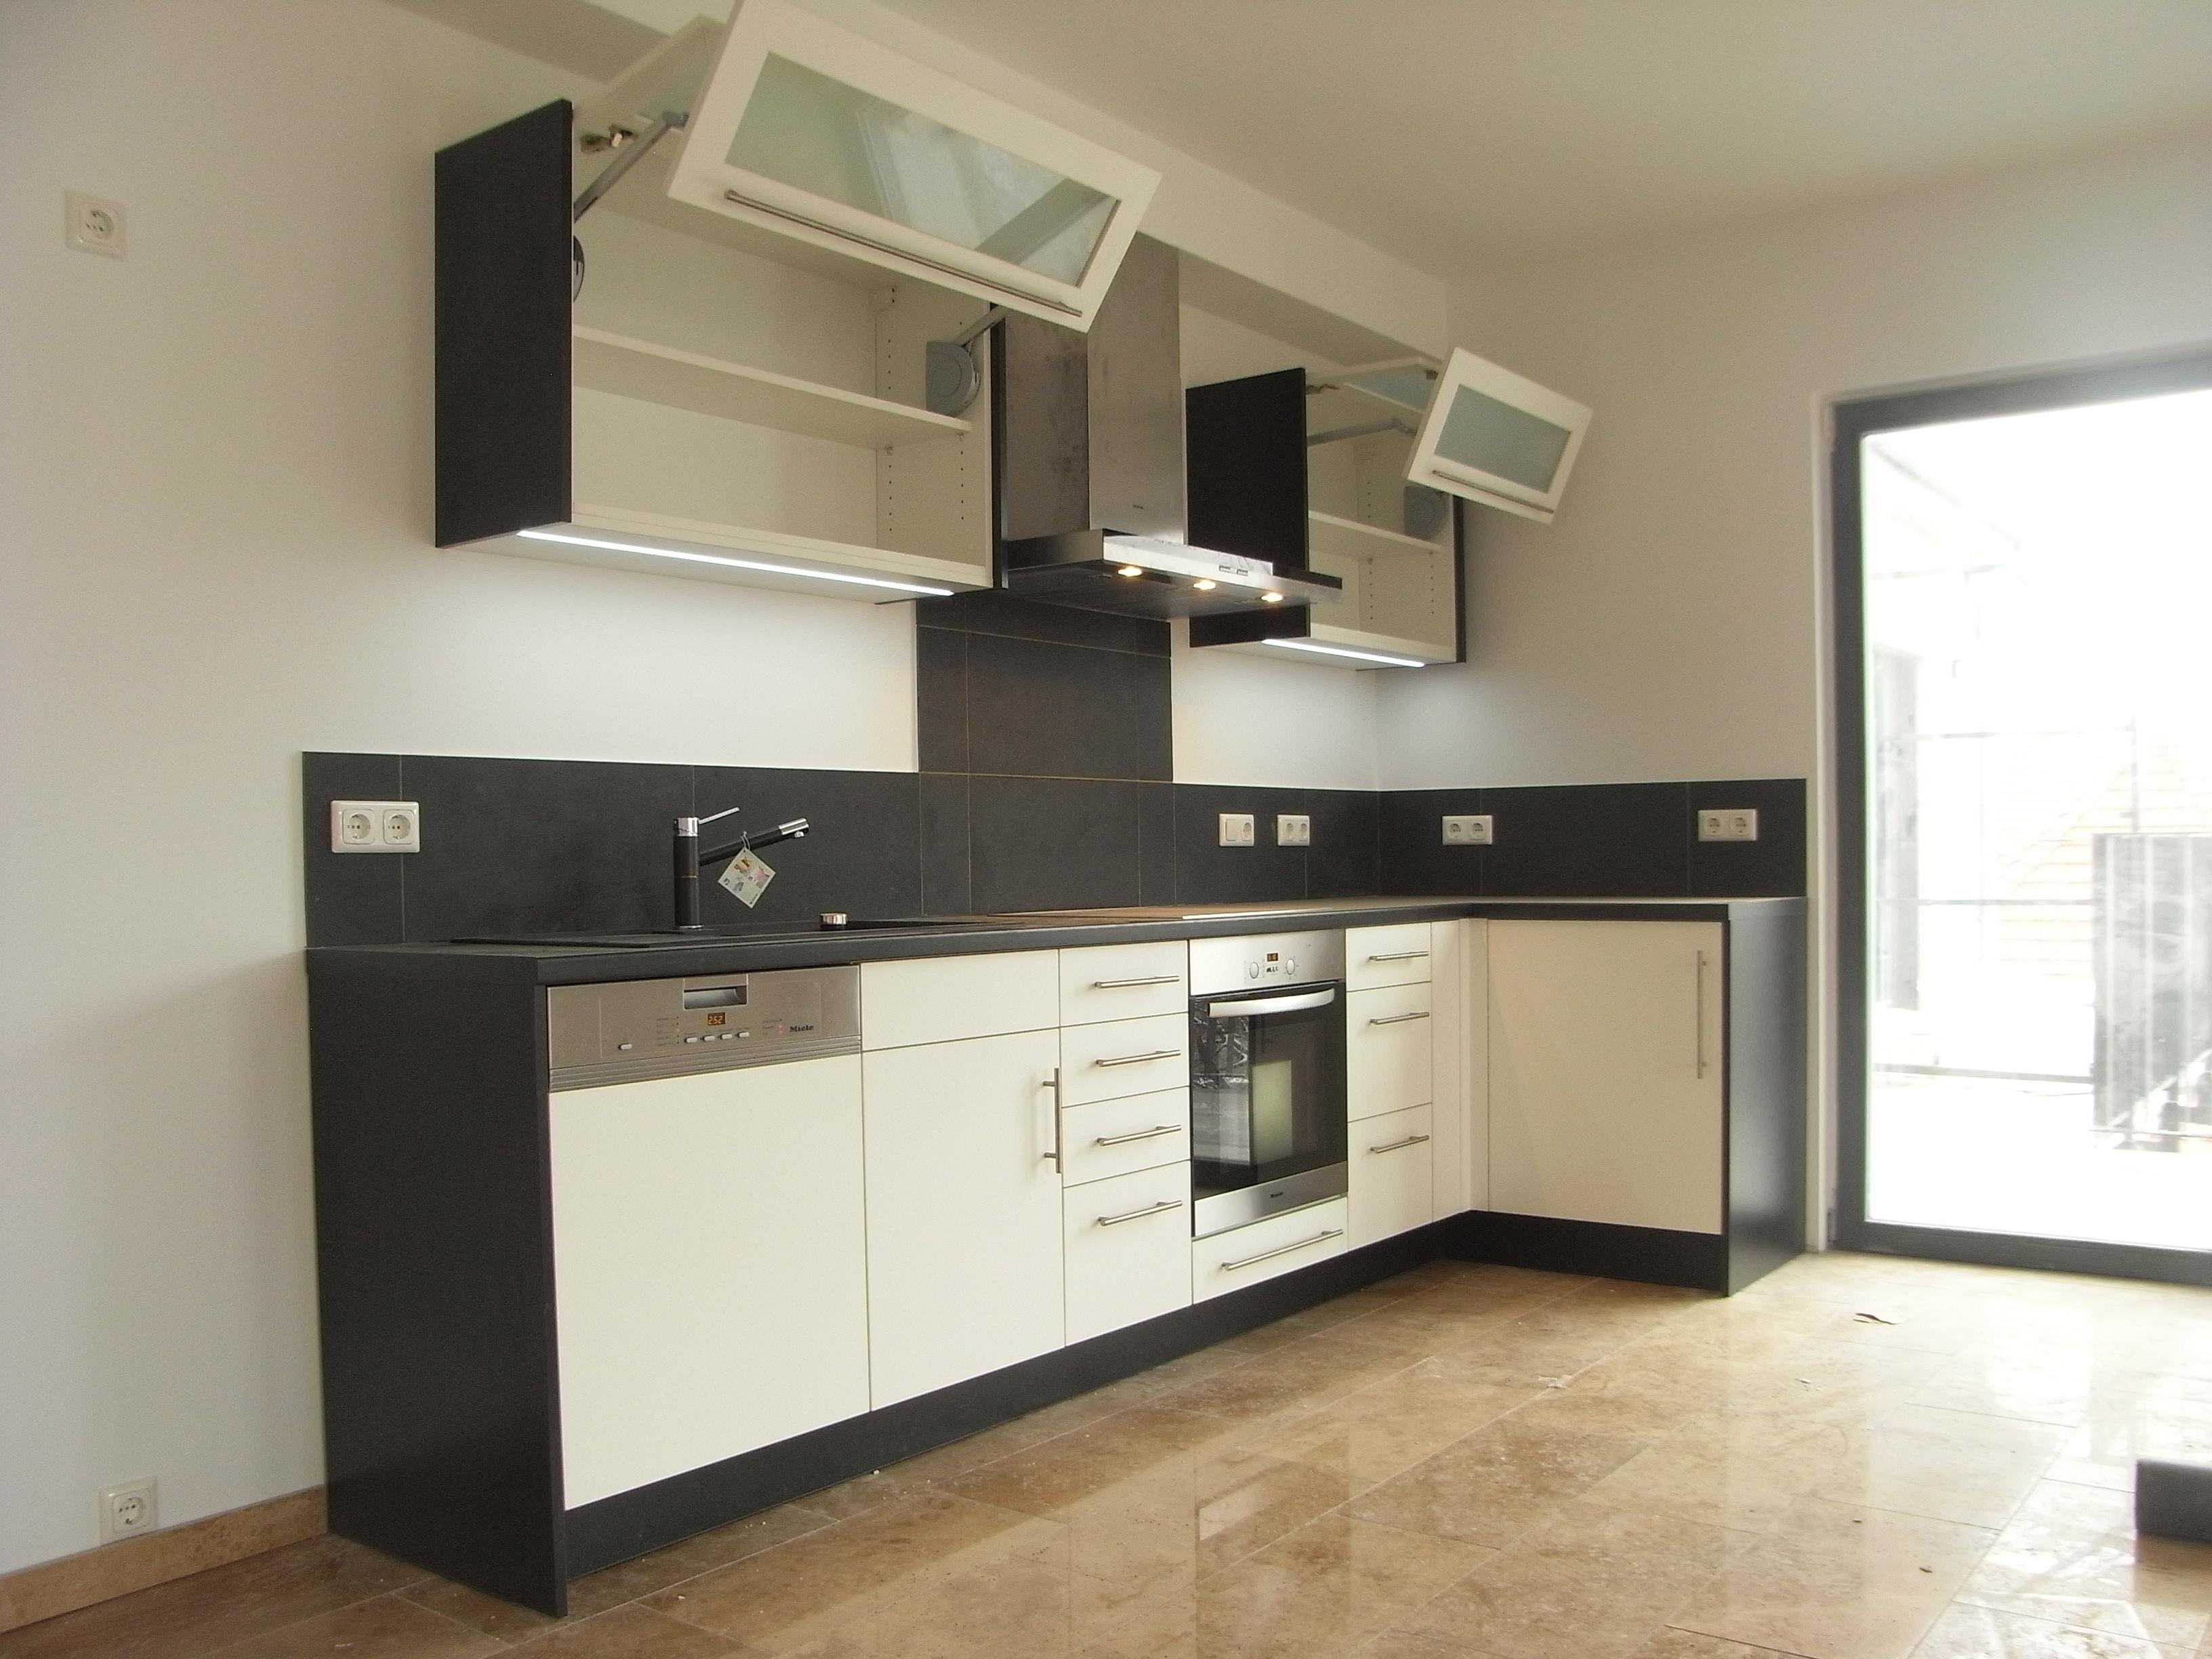 k chen hainich schreinerei. Black Bedroom Furniture Sets. Home Design Ideas